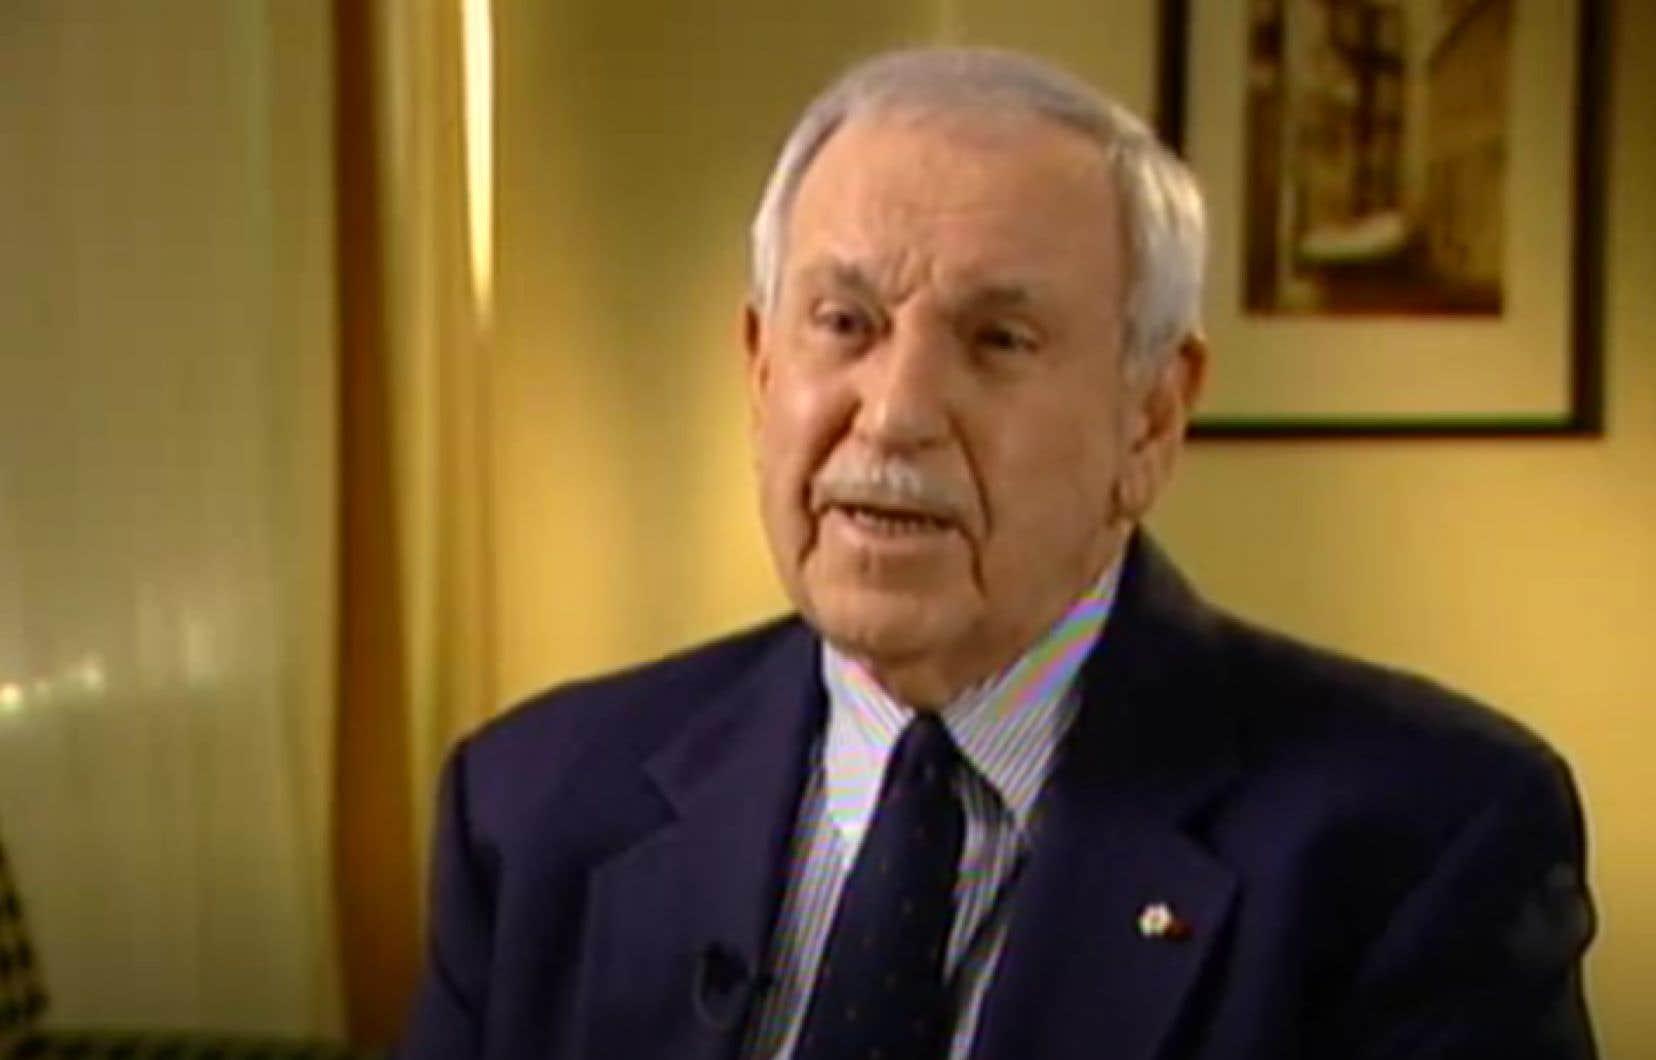 Roger D. Landry a étéprésident et éditeur du journal La Presse de 1980 à 2000.